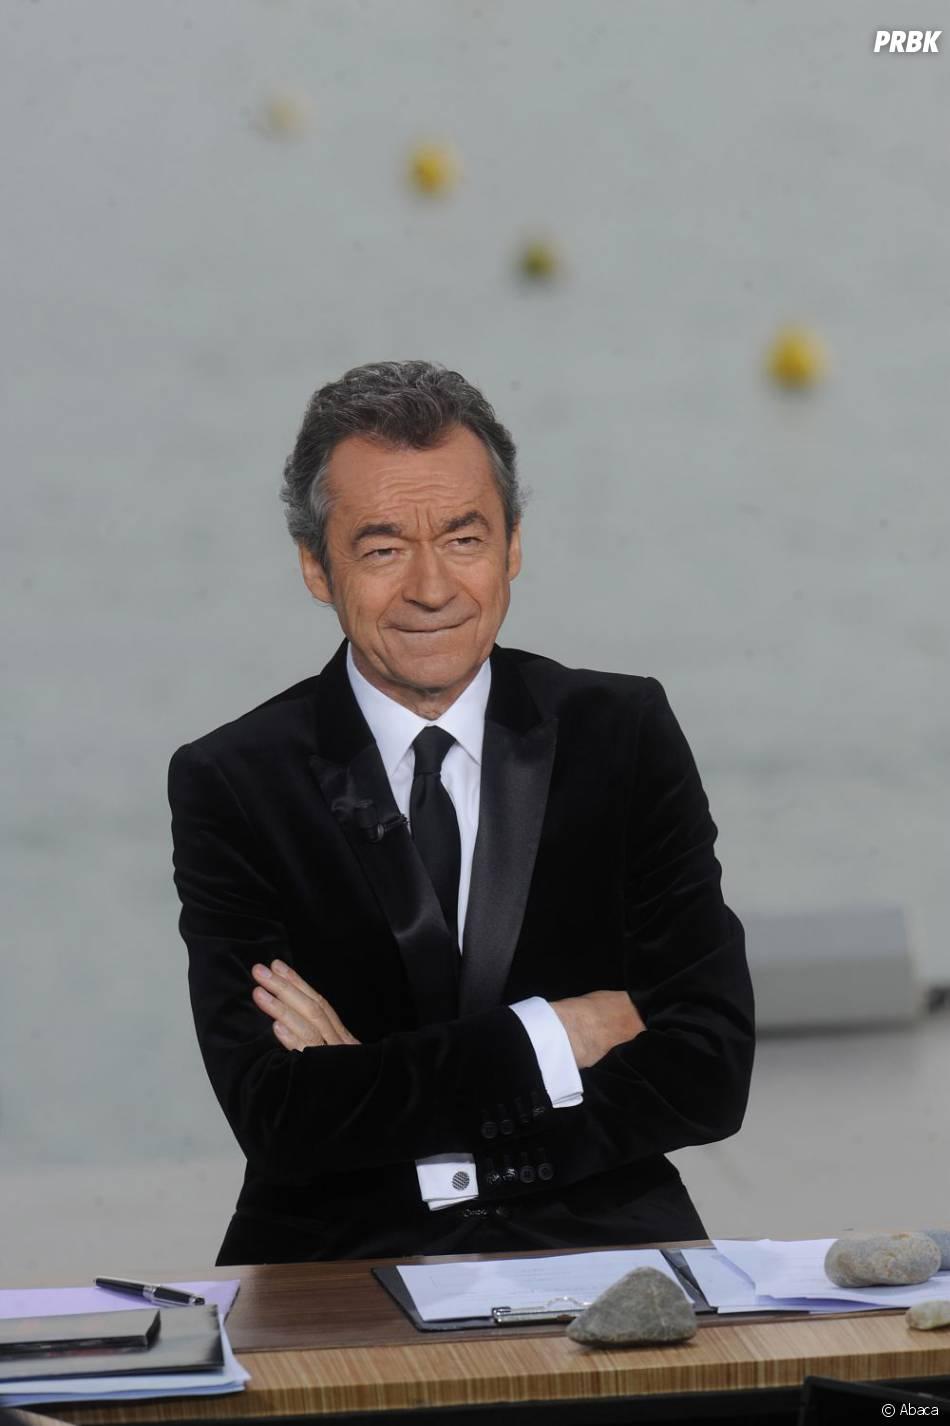 Le Grand Journal : Michel Denisot annonce son remplaçant en direct